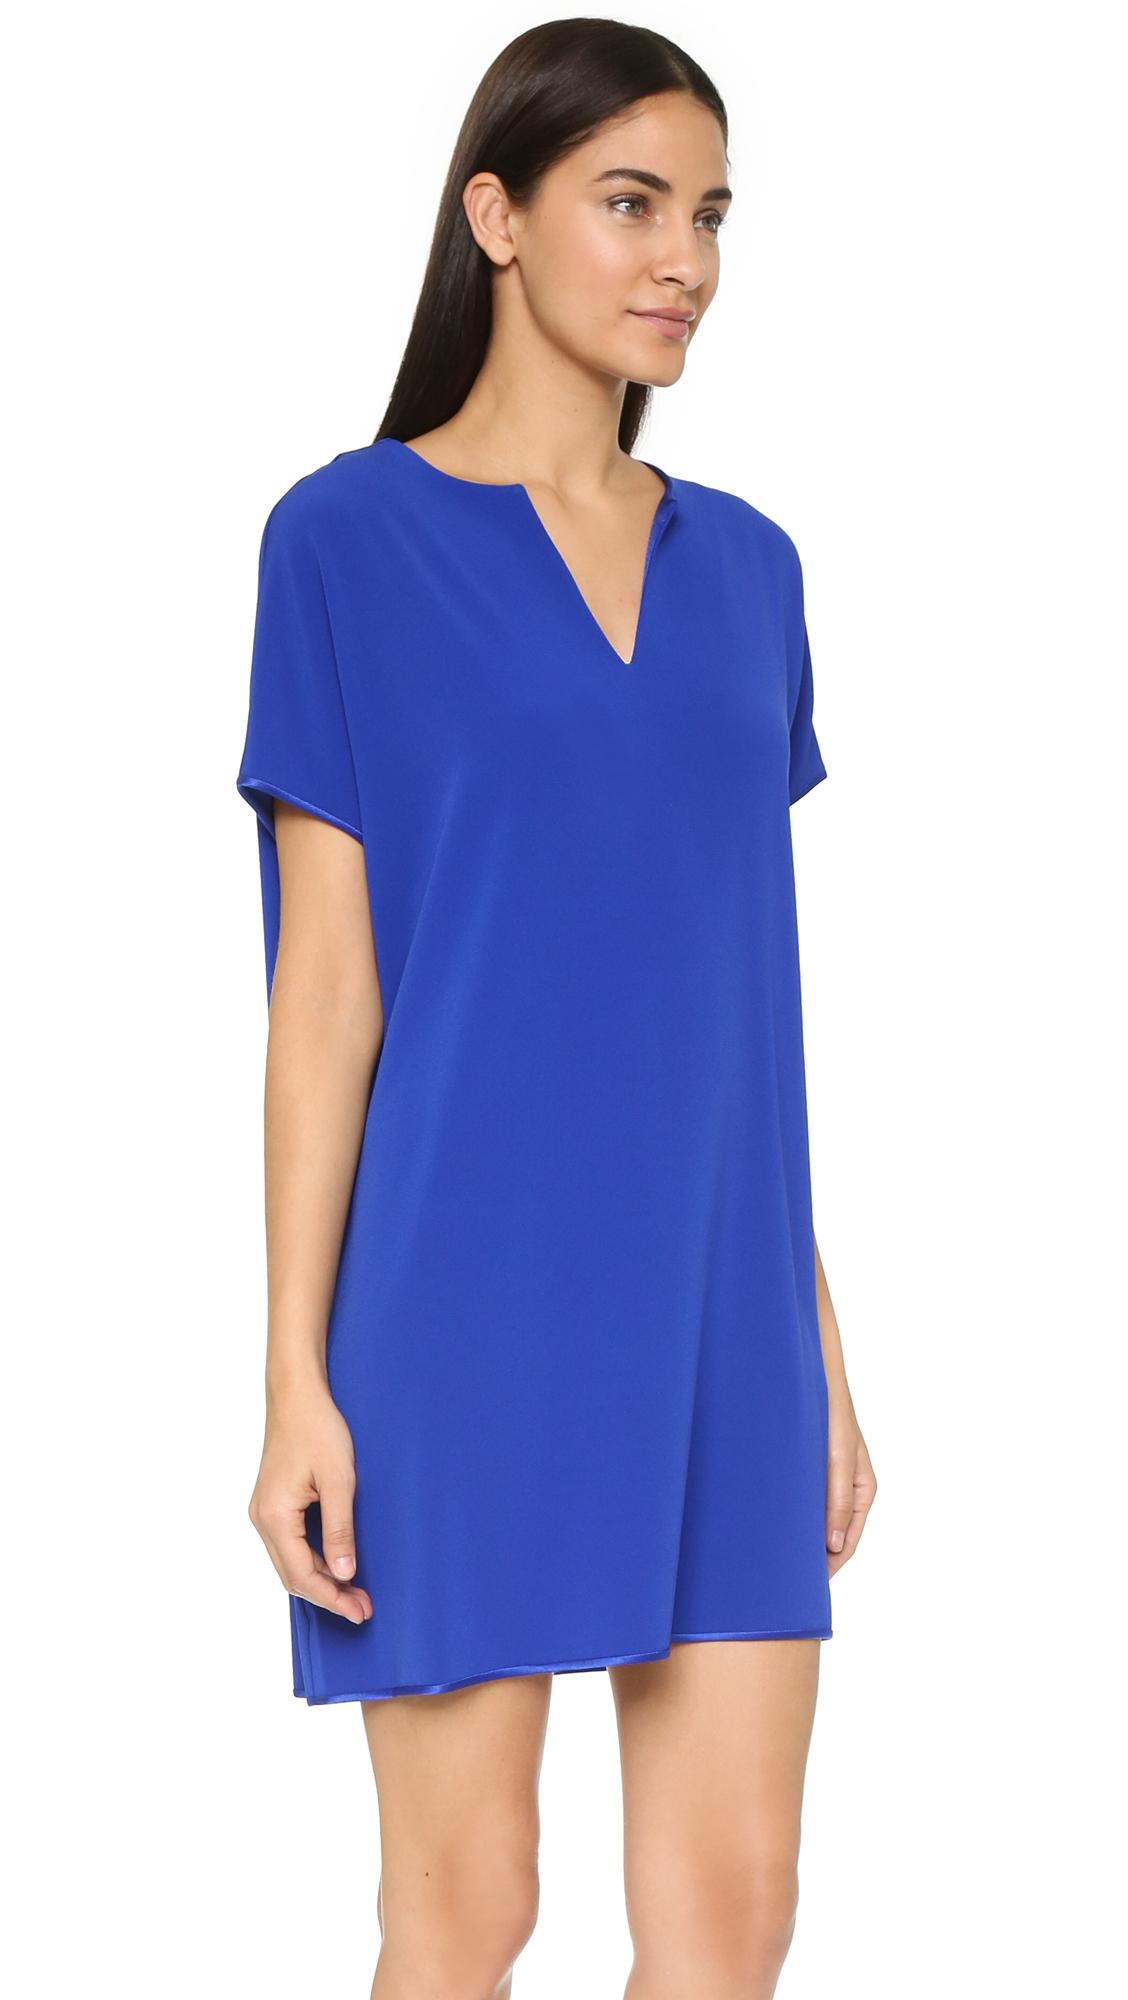 Diane von furstenberg Kora Dress - Cosmic Cobalt in Blue - Lyst